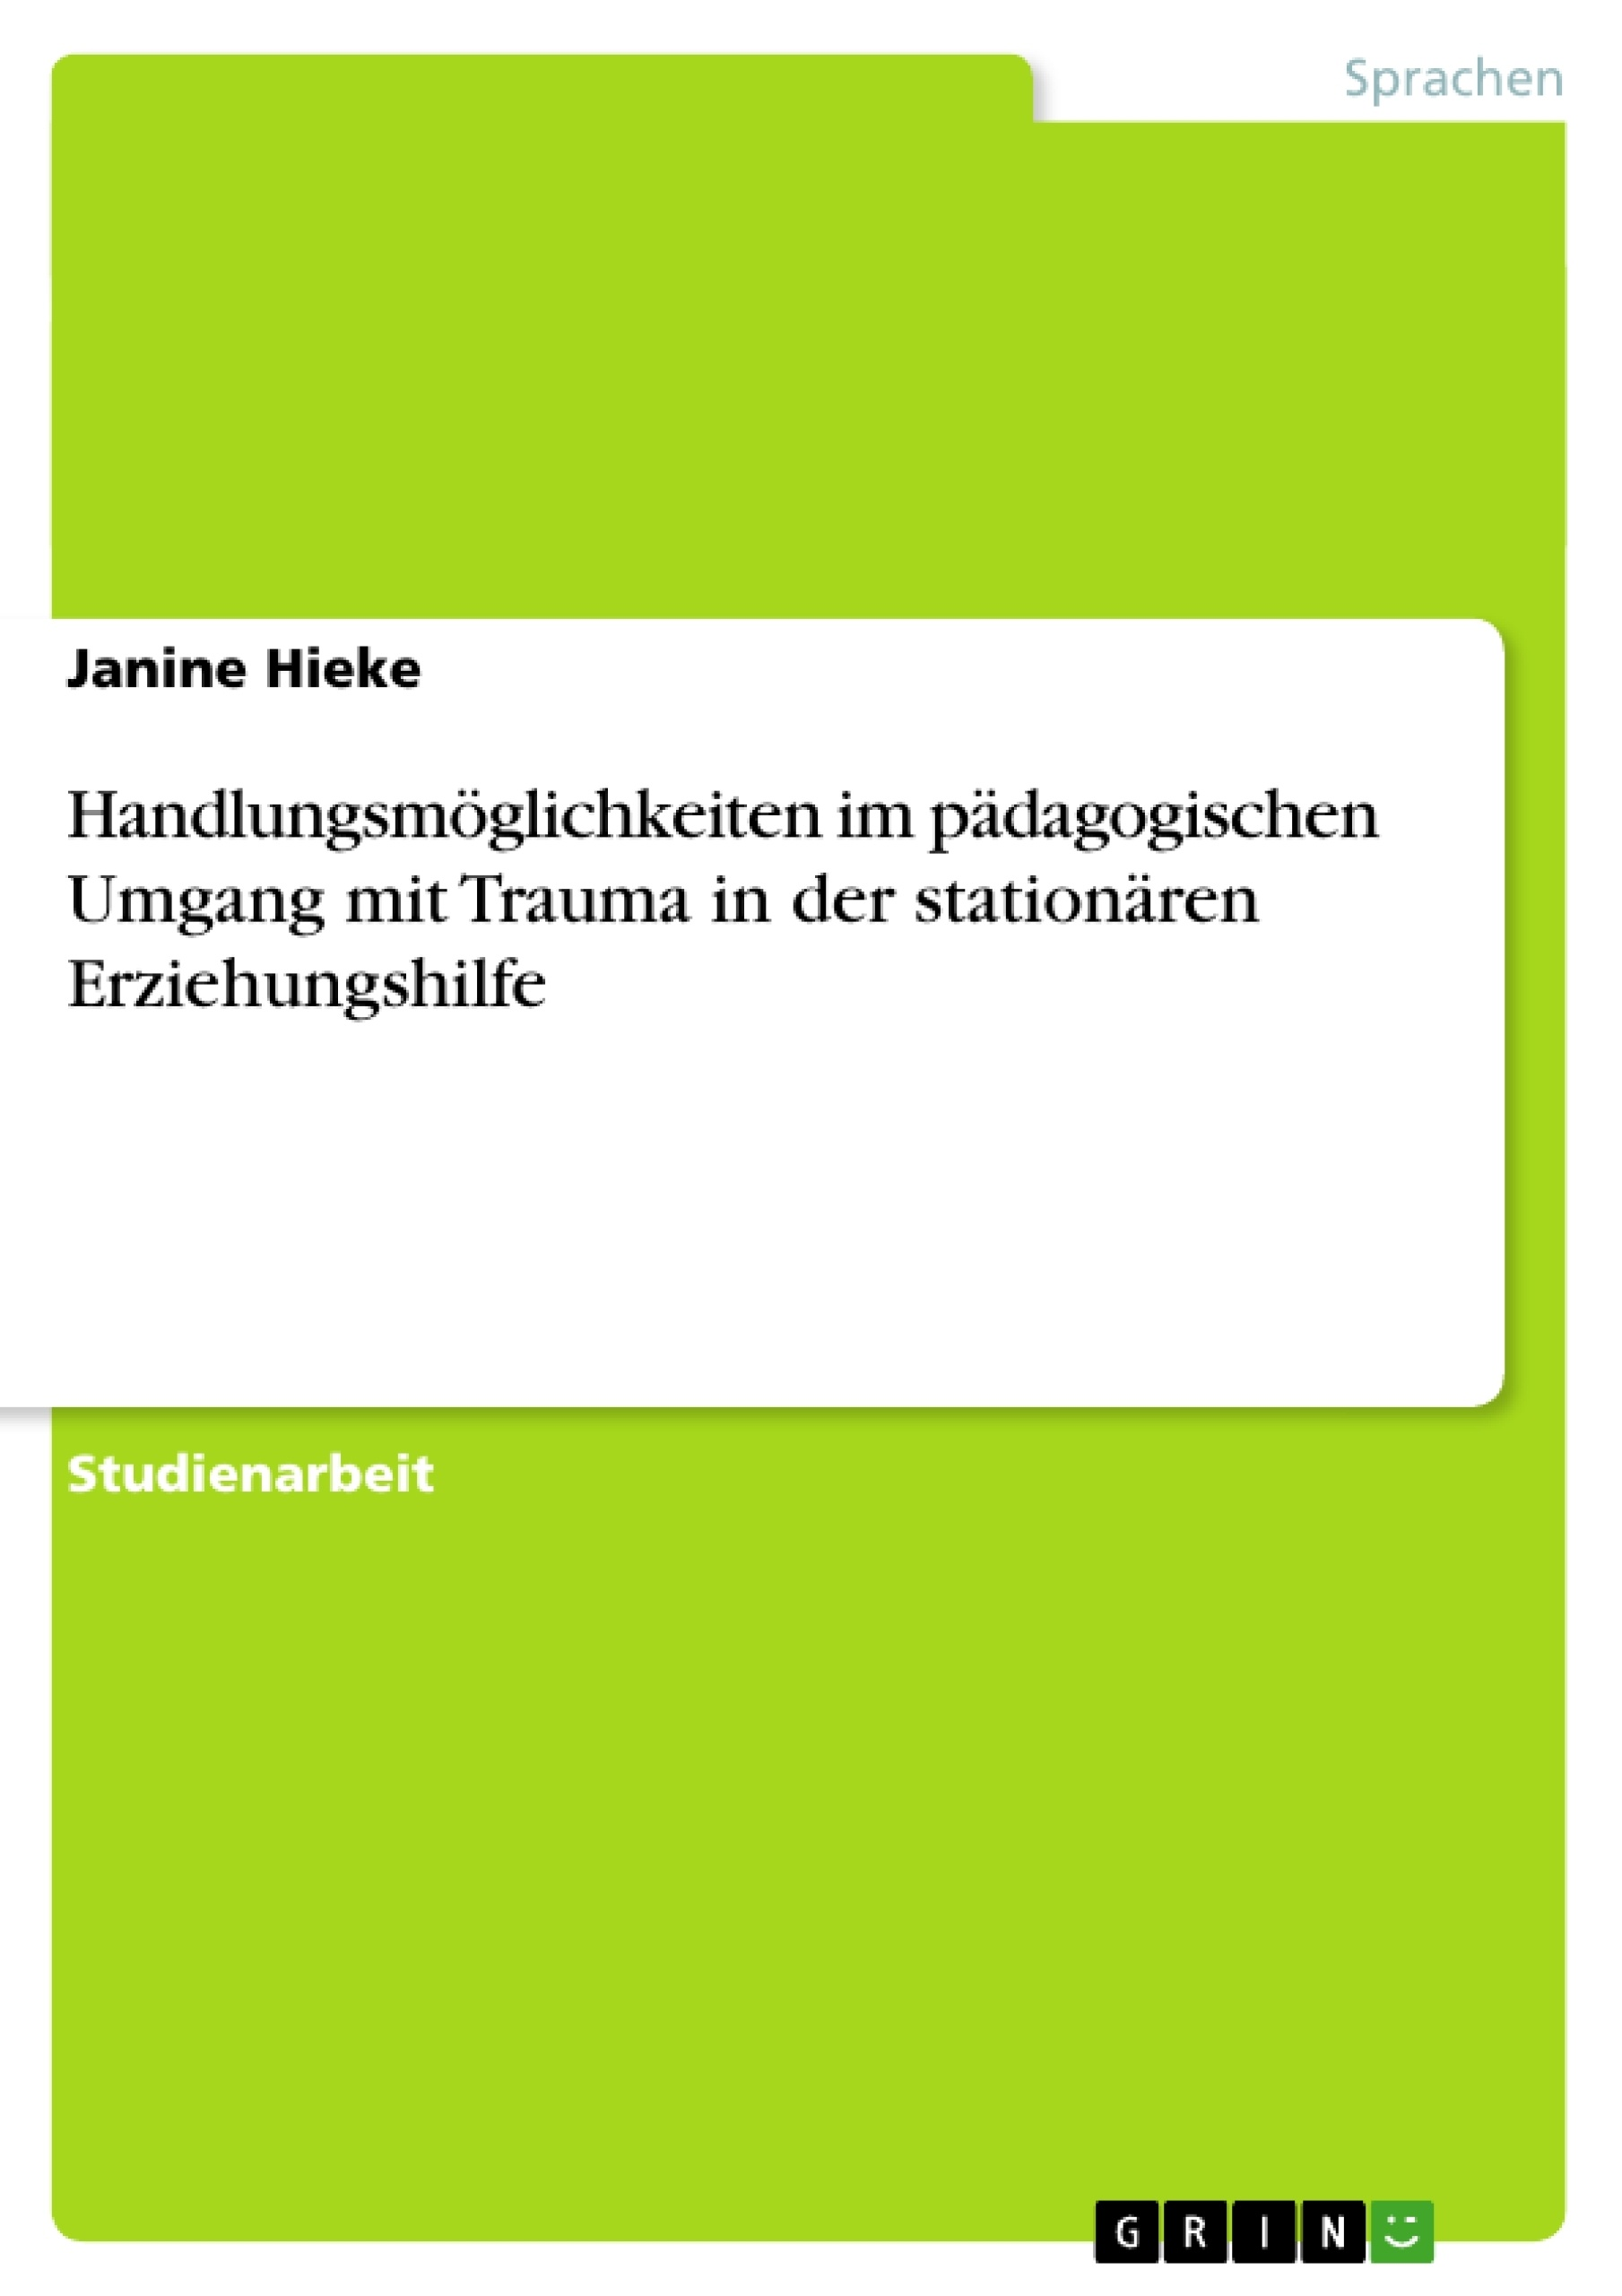 Titel: Handlungsmöglichkeiten im pädagogischen Umgang mit Trauma in der stationären Erziehungshilfe